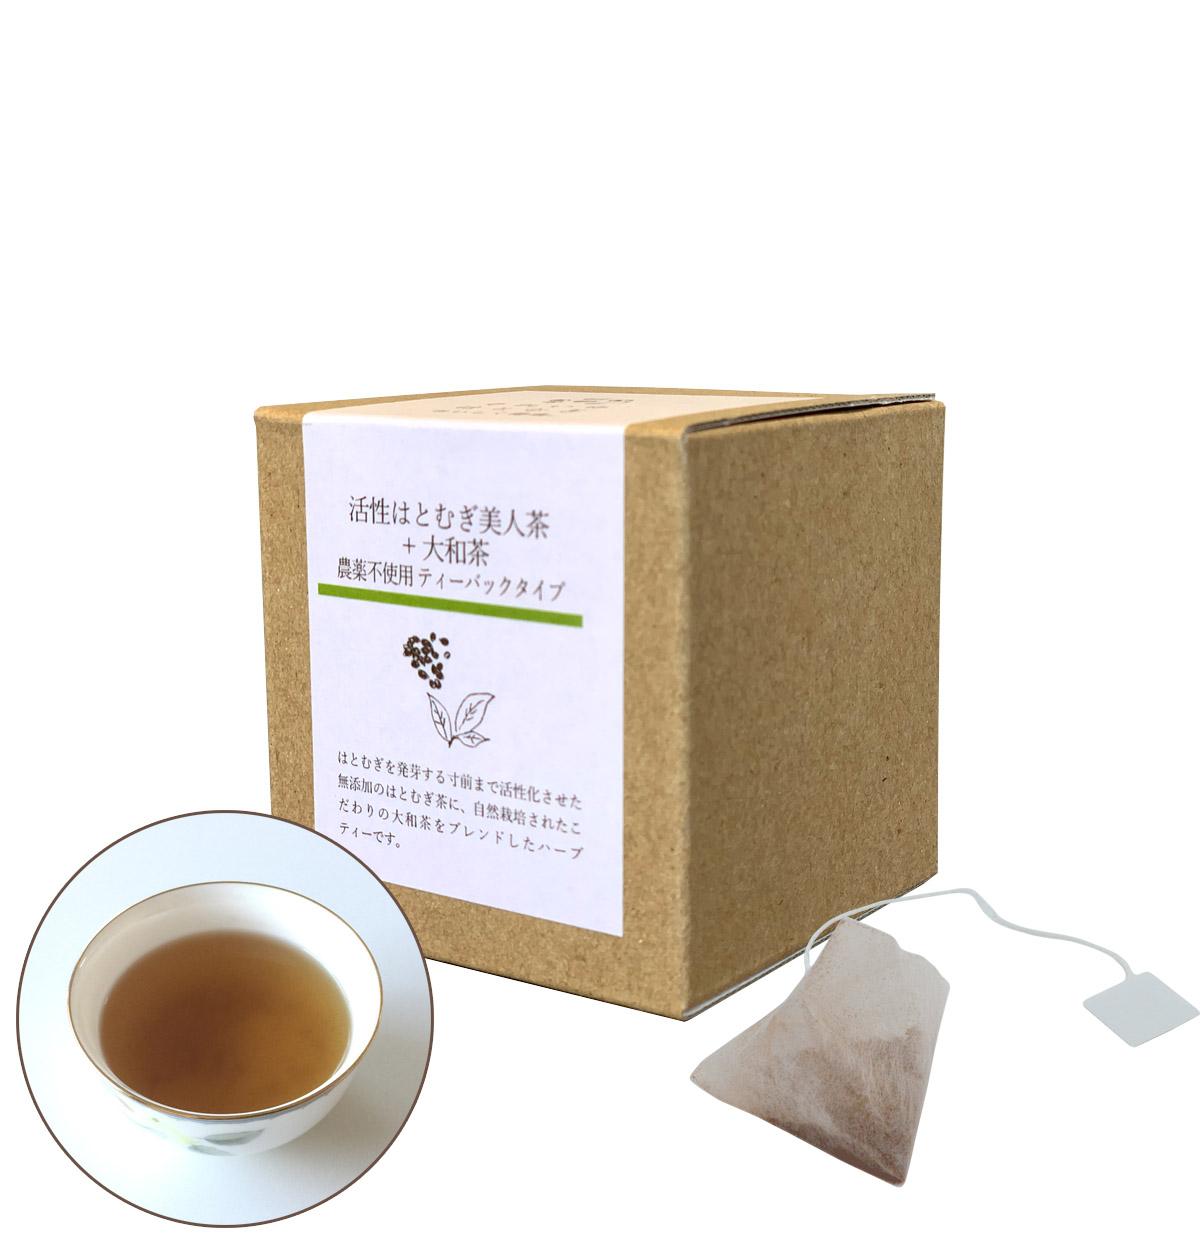 【ミニティー】活性はとむぎ美人茶+大和茶 農薬不使用ティーバックタイプ